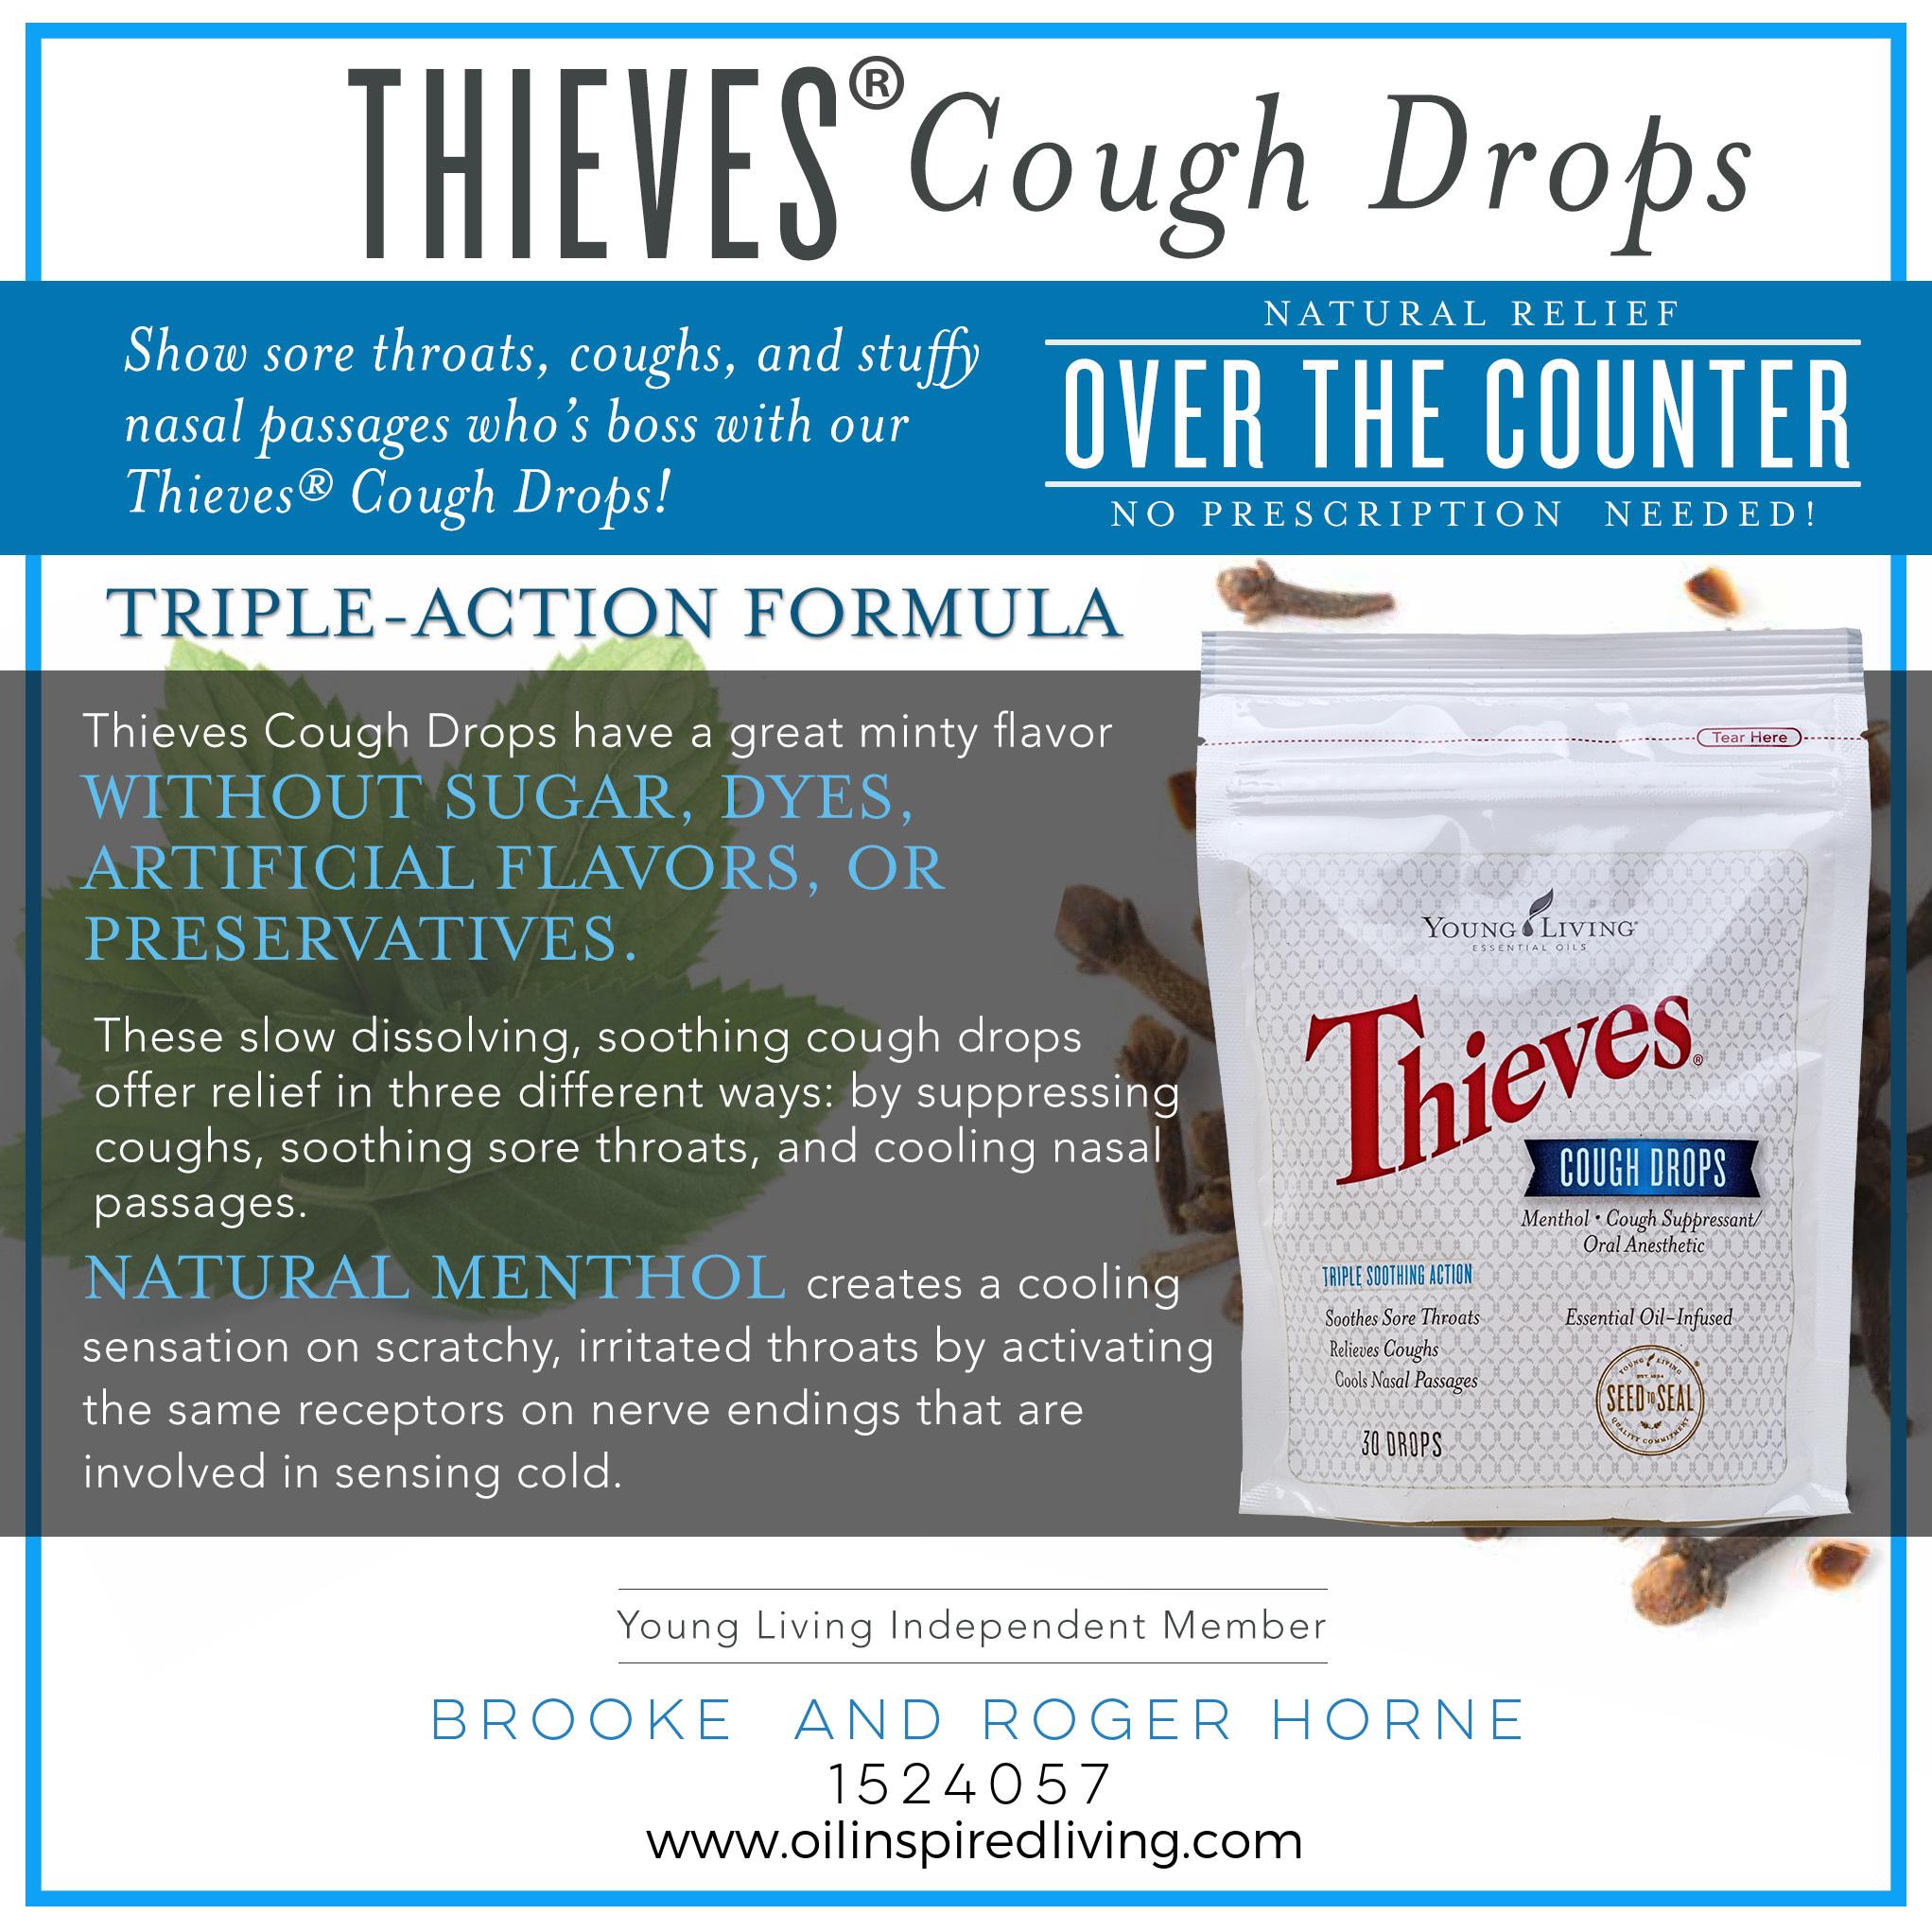 4-Thieves-Cough-Drops.jpg